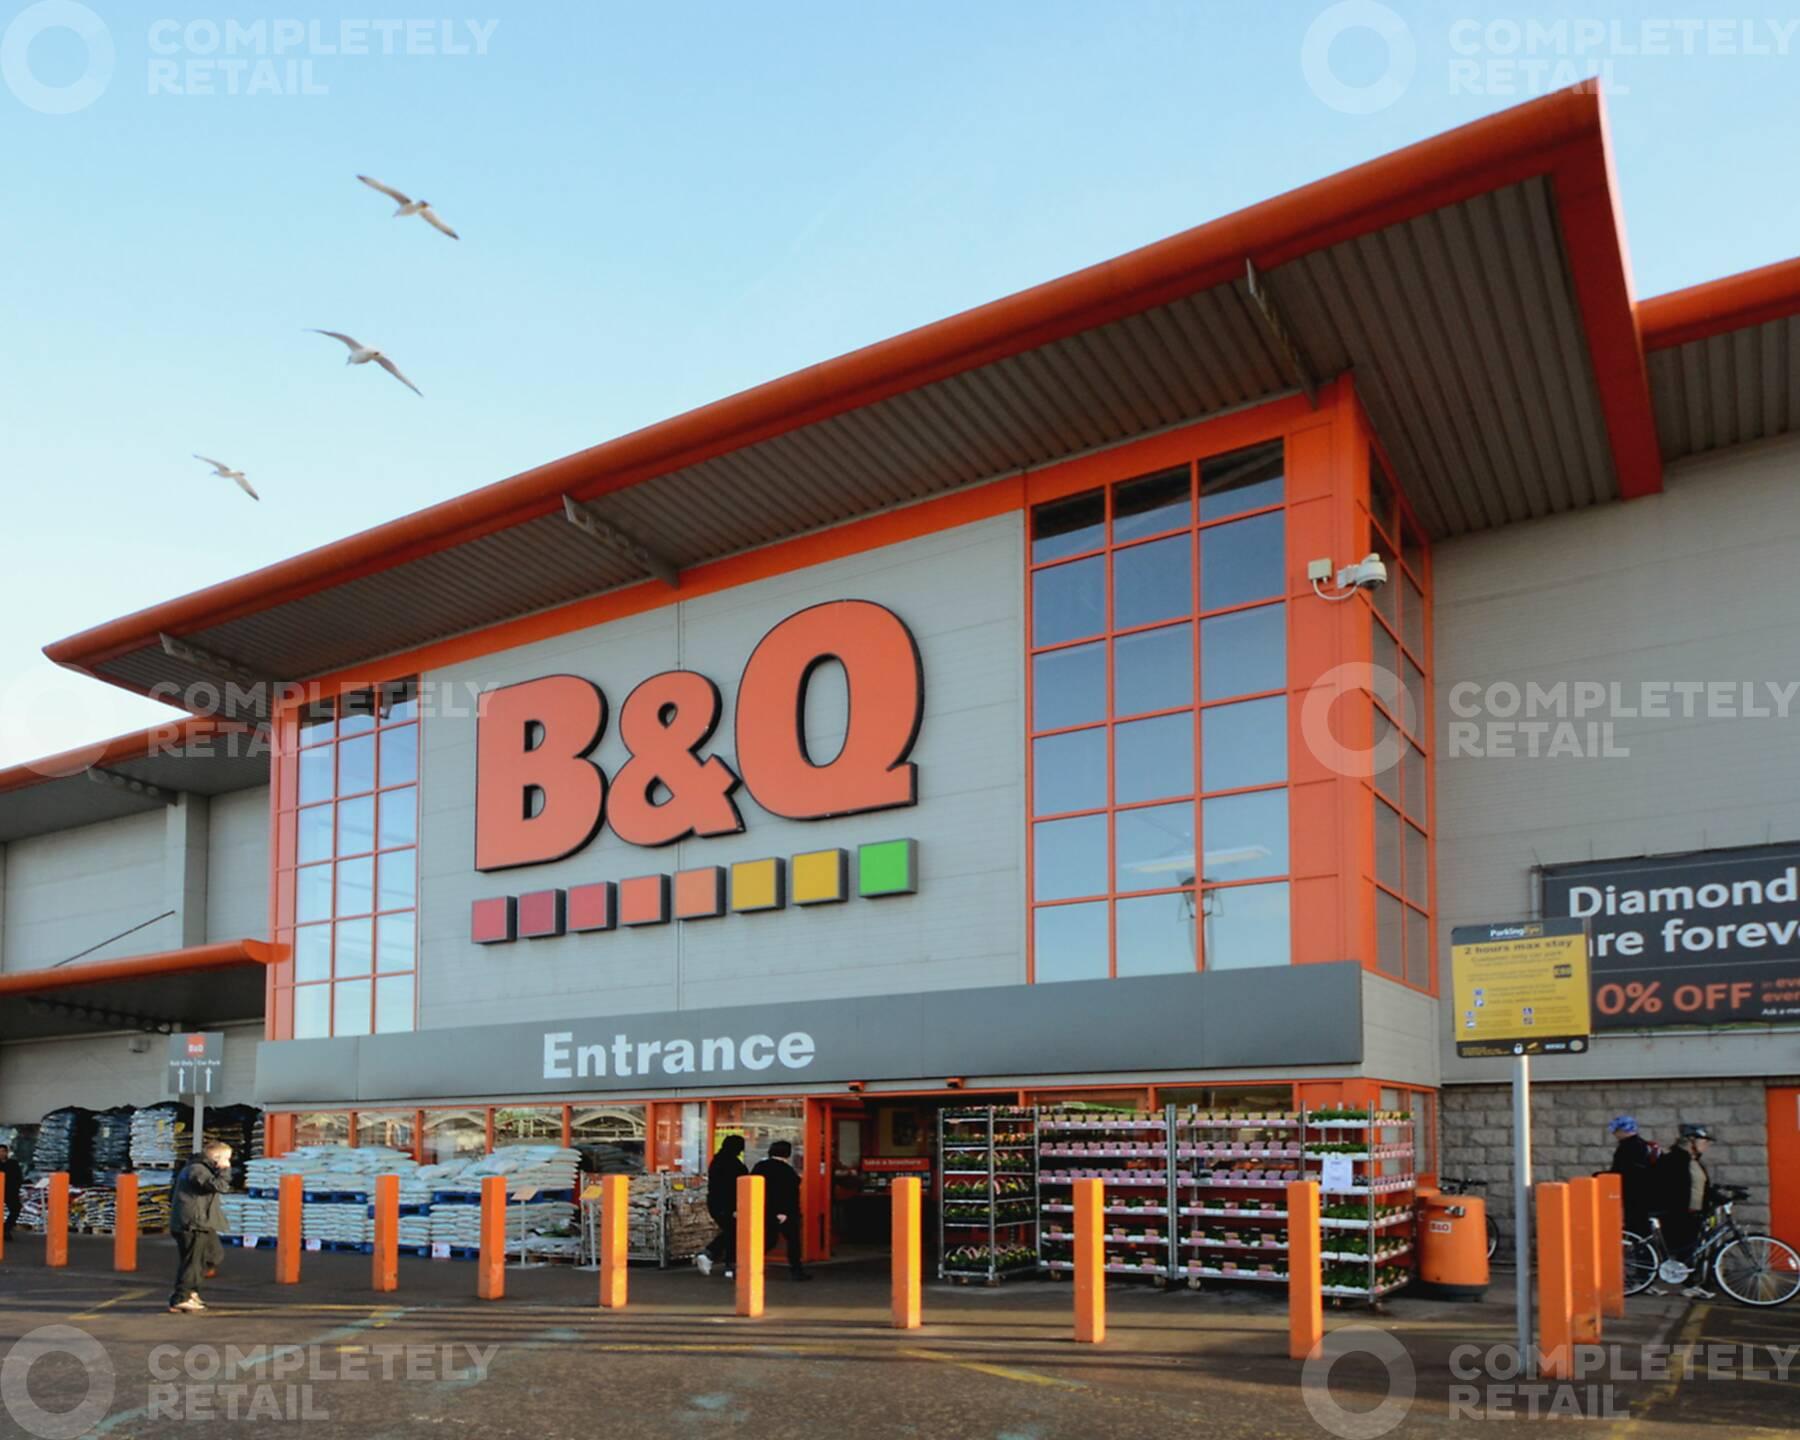 Garthdee Retail Park